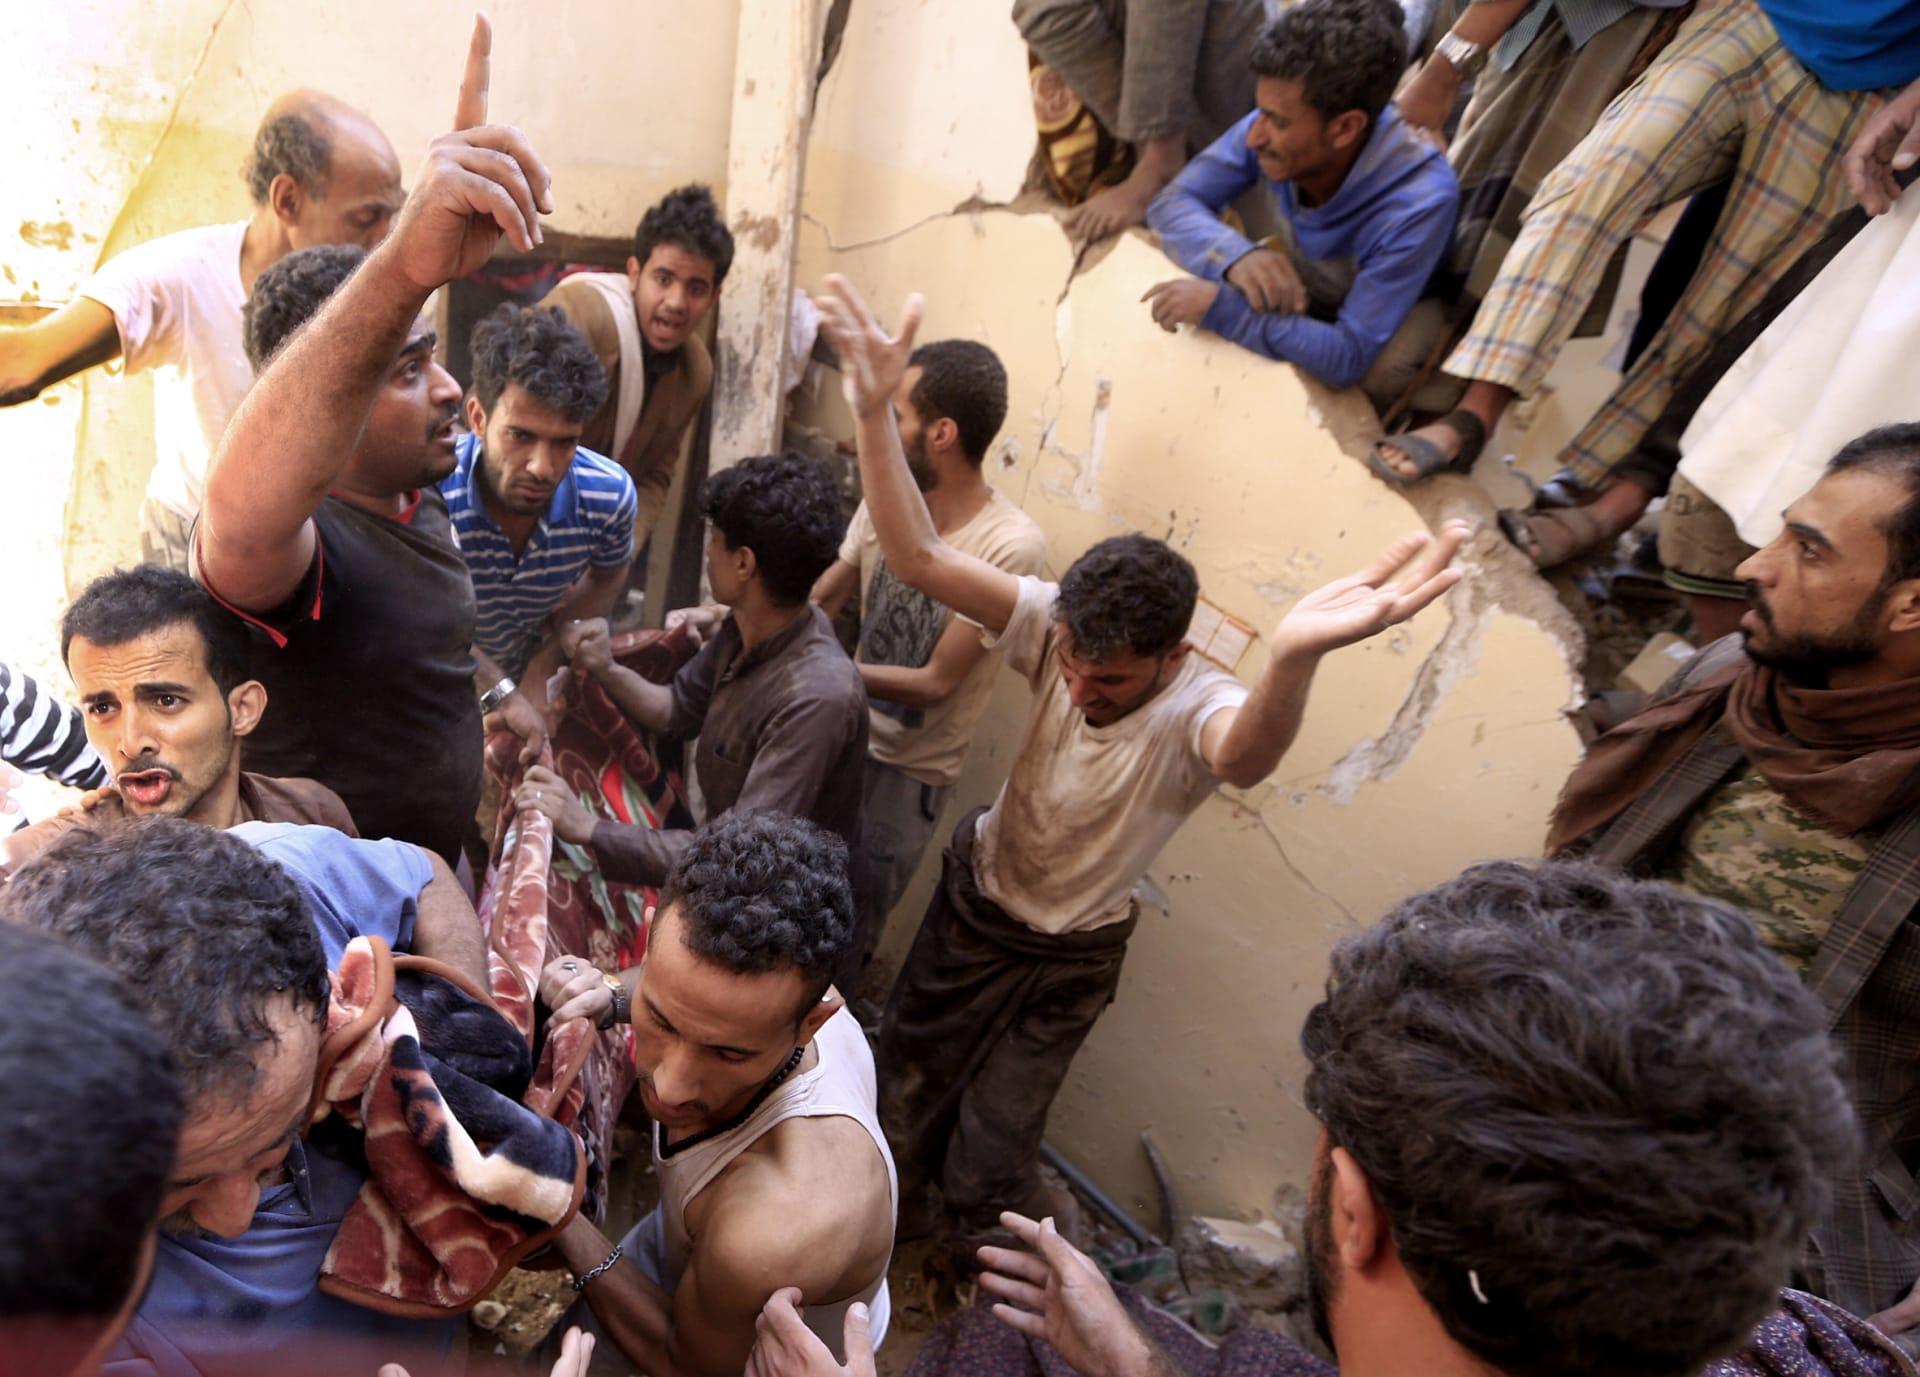 """التحالف العربي يحقق في """"حادث عرضي"""" بعد إعلان الحوثيين سقوط قتلى مدنيين بصنعاء"""